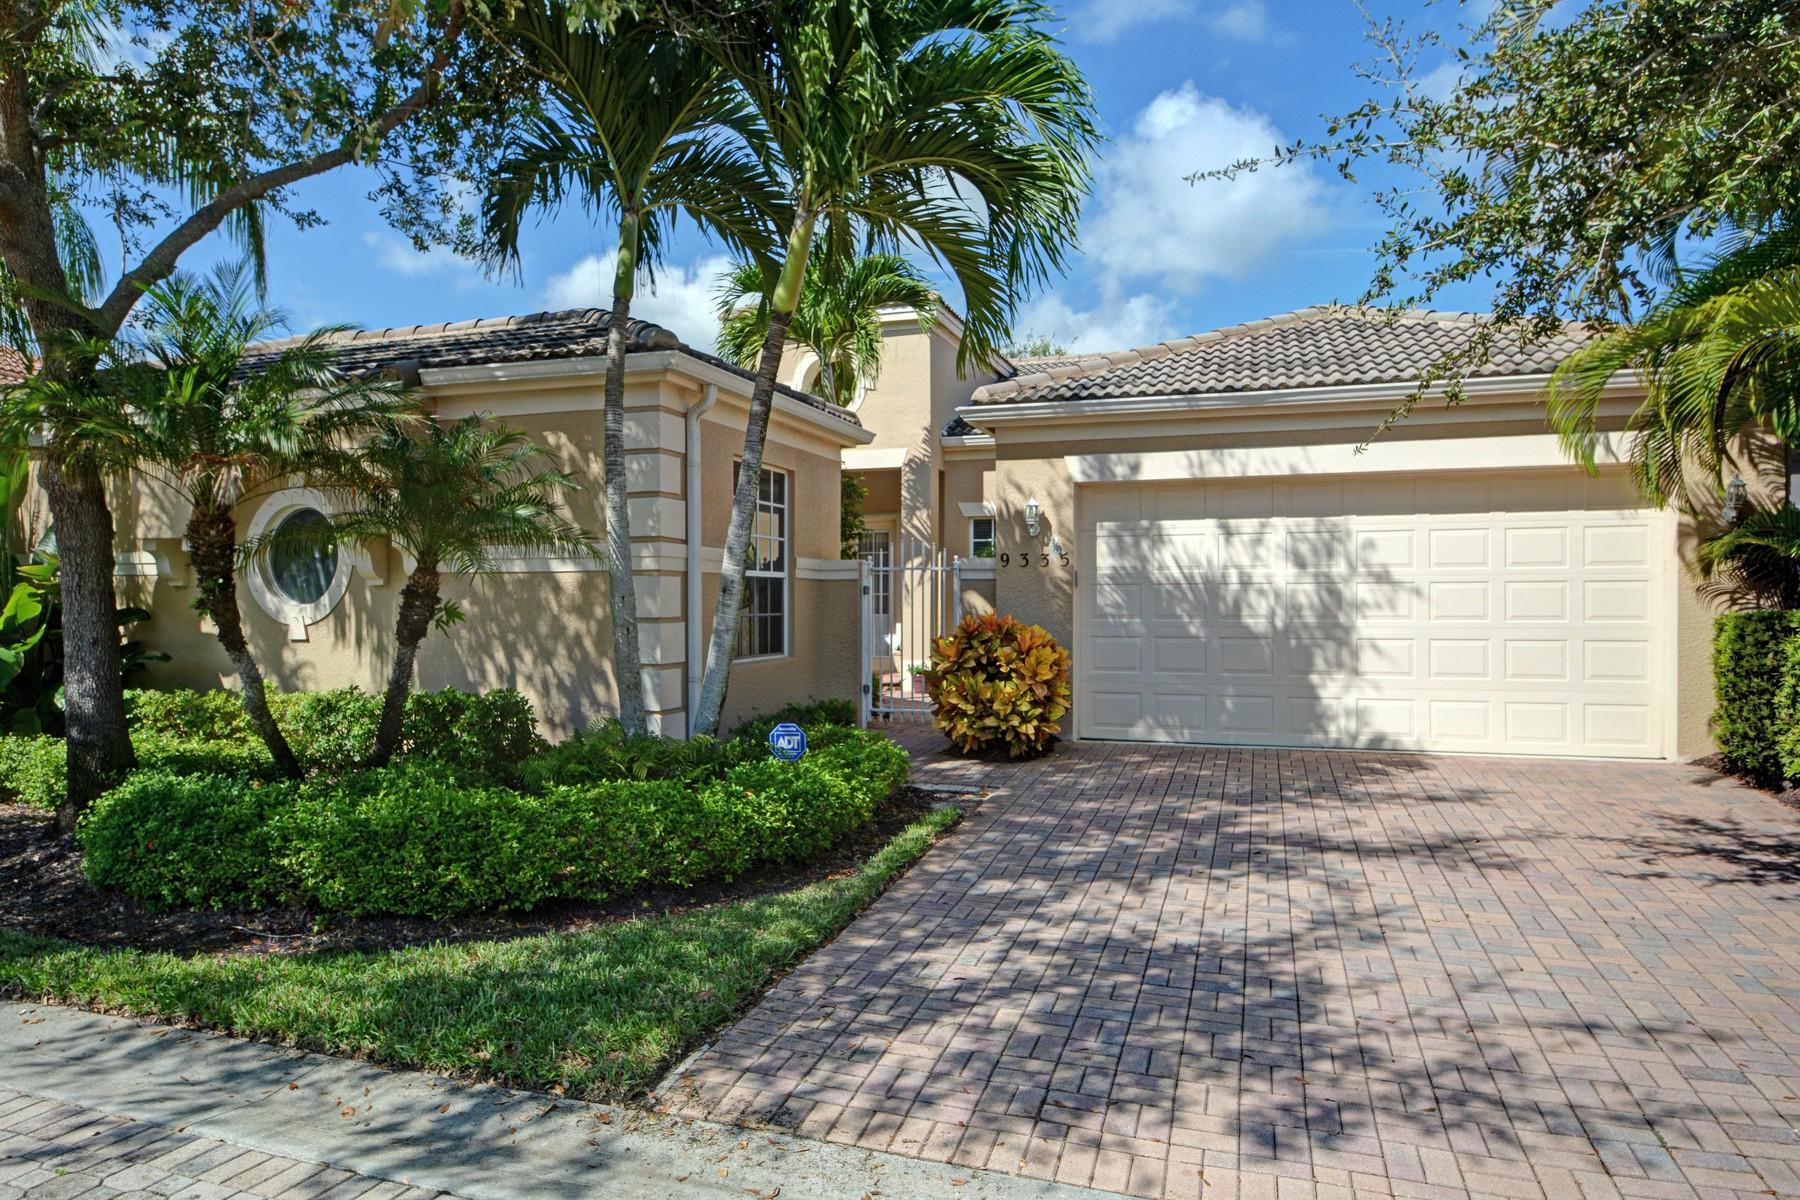 一戸建て のために 売買 アット Old Orchid Cayman Model 9335 W Maiden Court Vero Beach, フロリダ, 32963 アメリカ合衆国